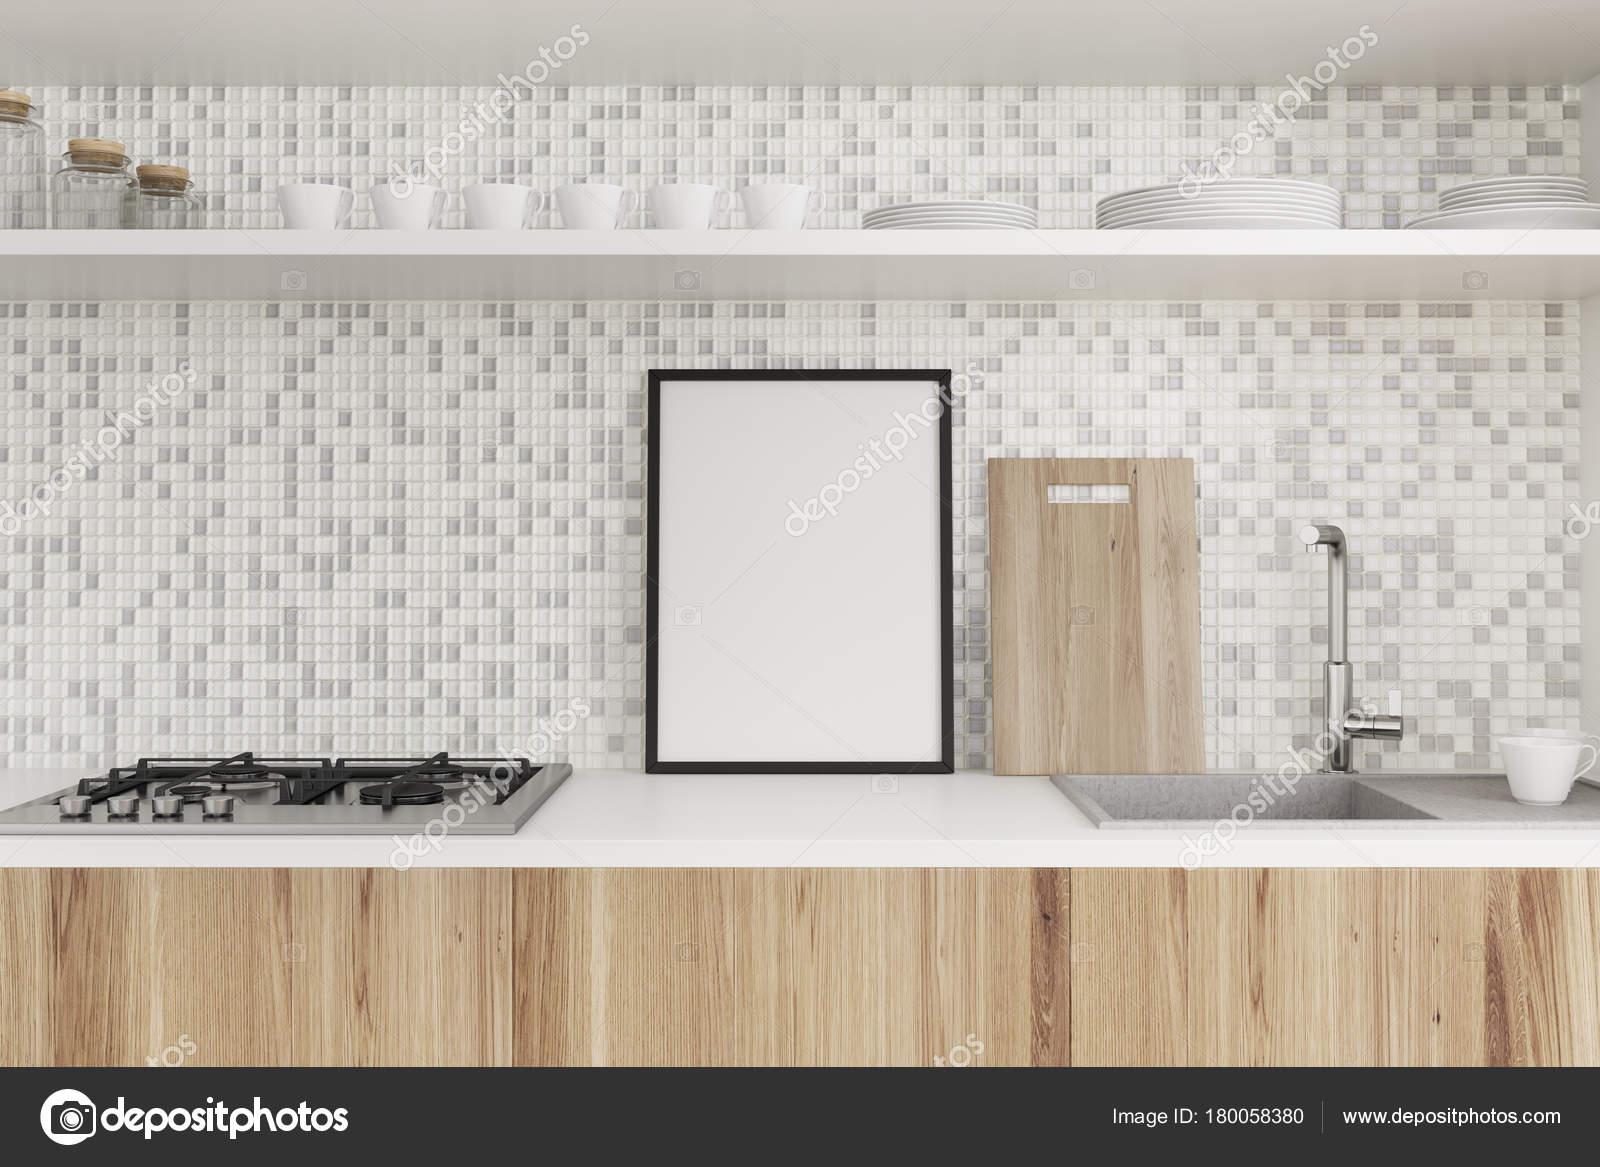 fliesen und holz küchenarbeitsplatte, plakat — stockfoto